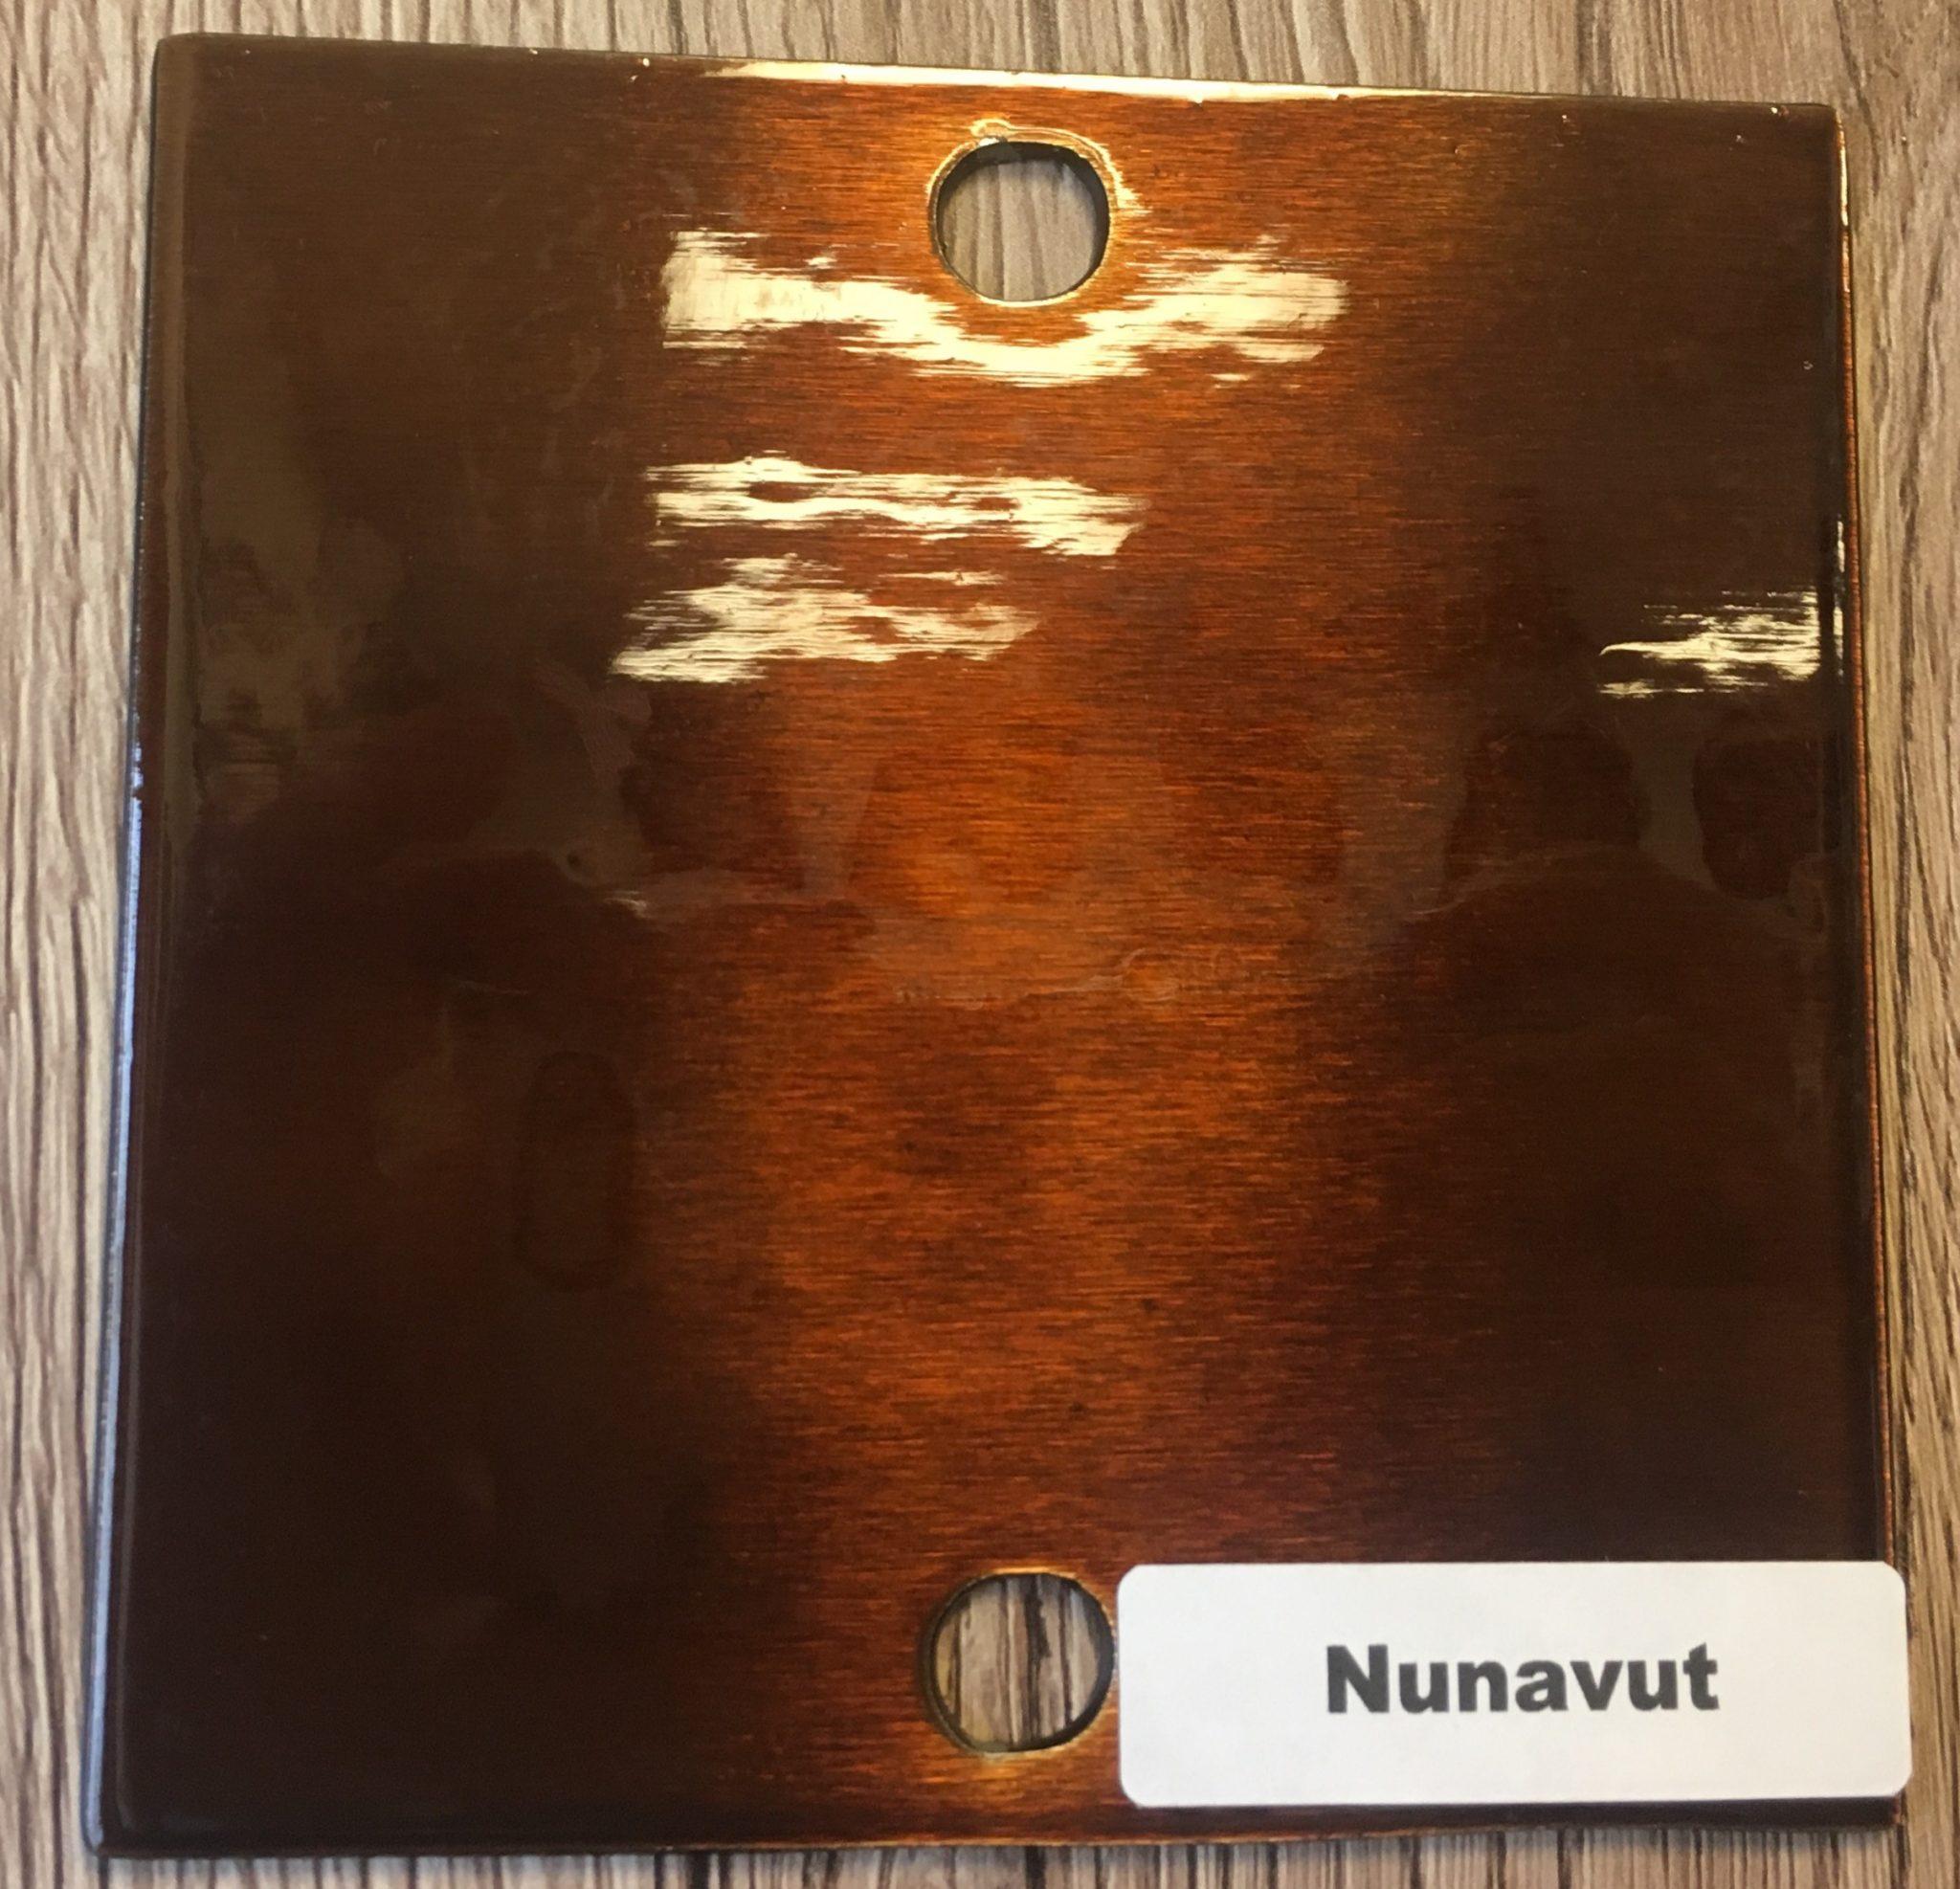 NEW - NUNAVUT